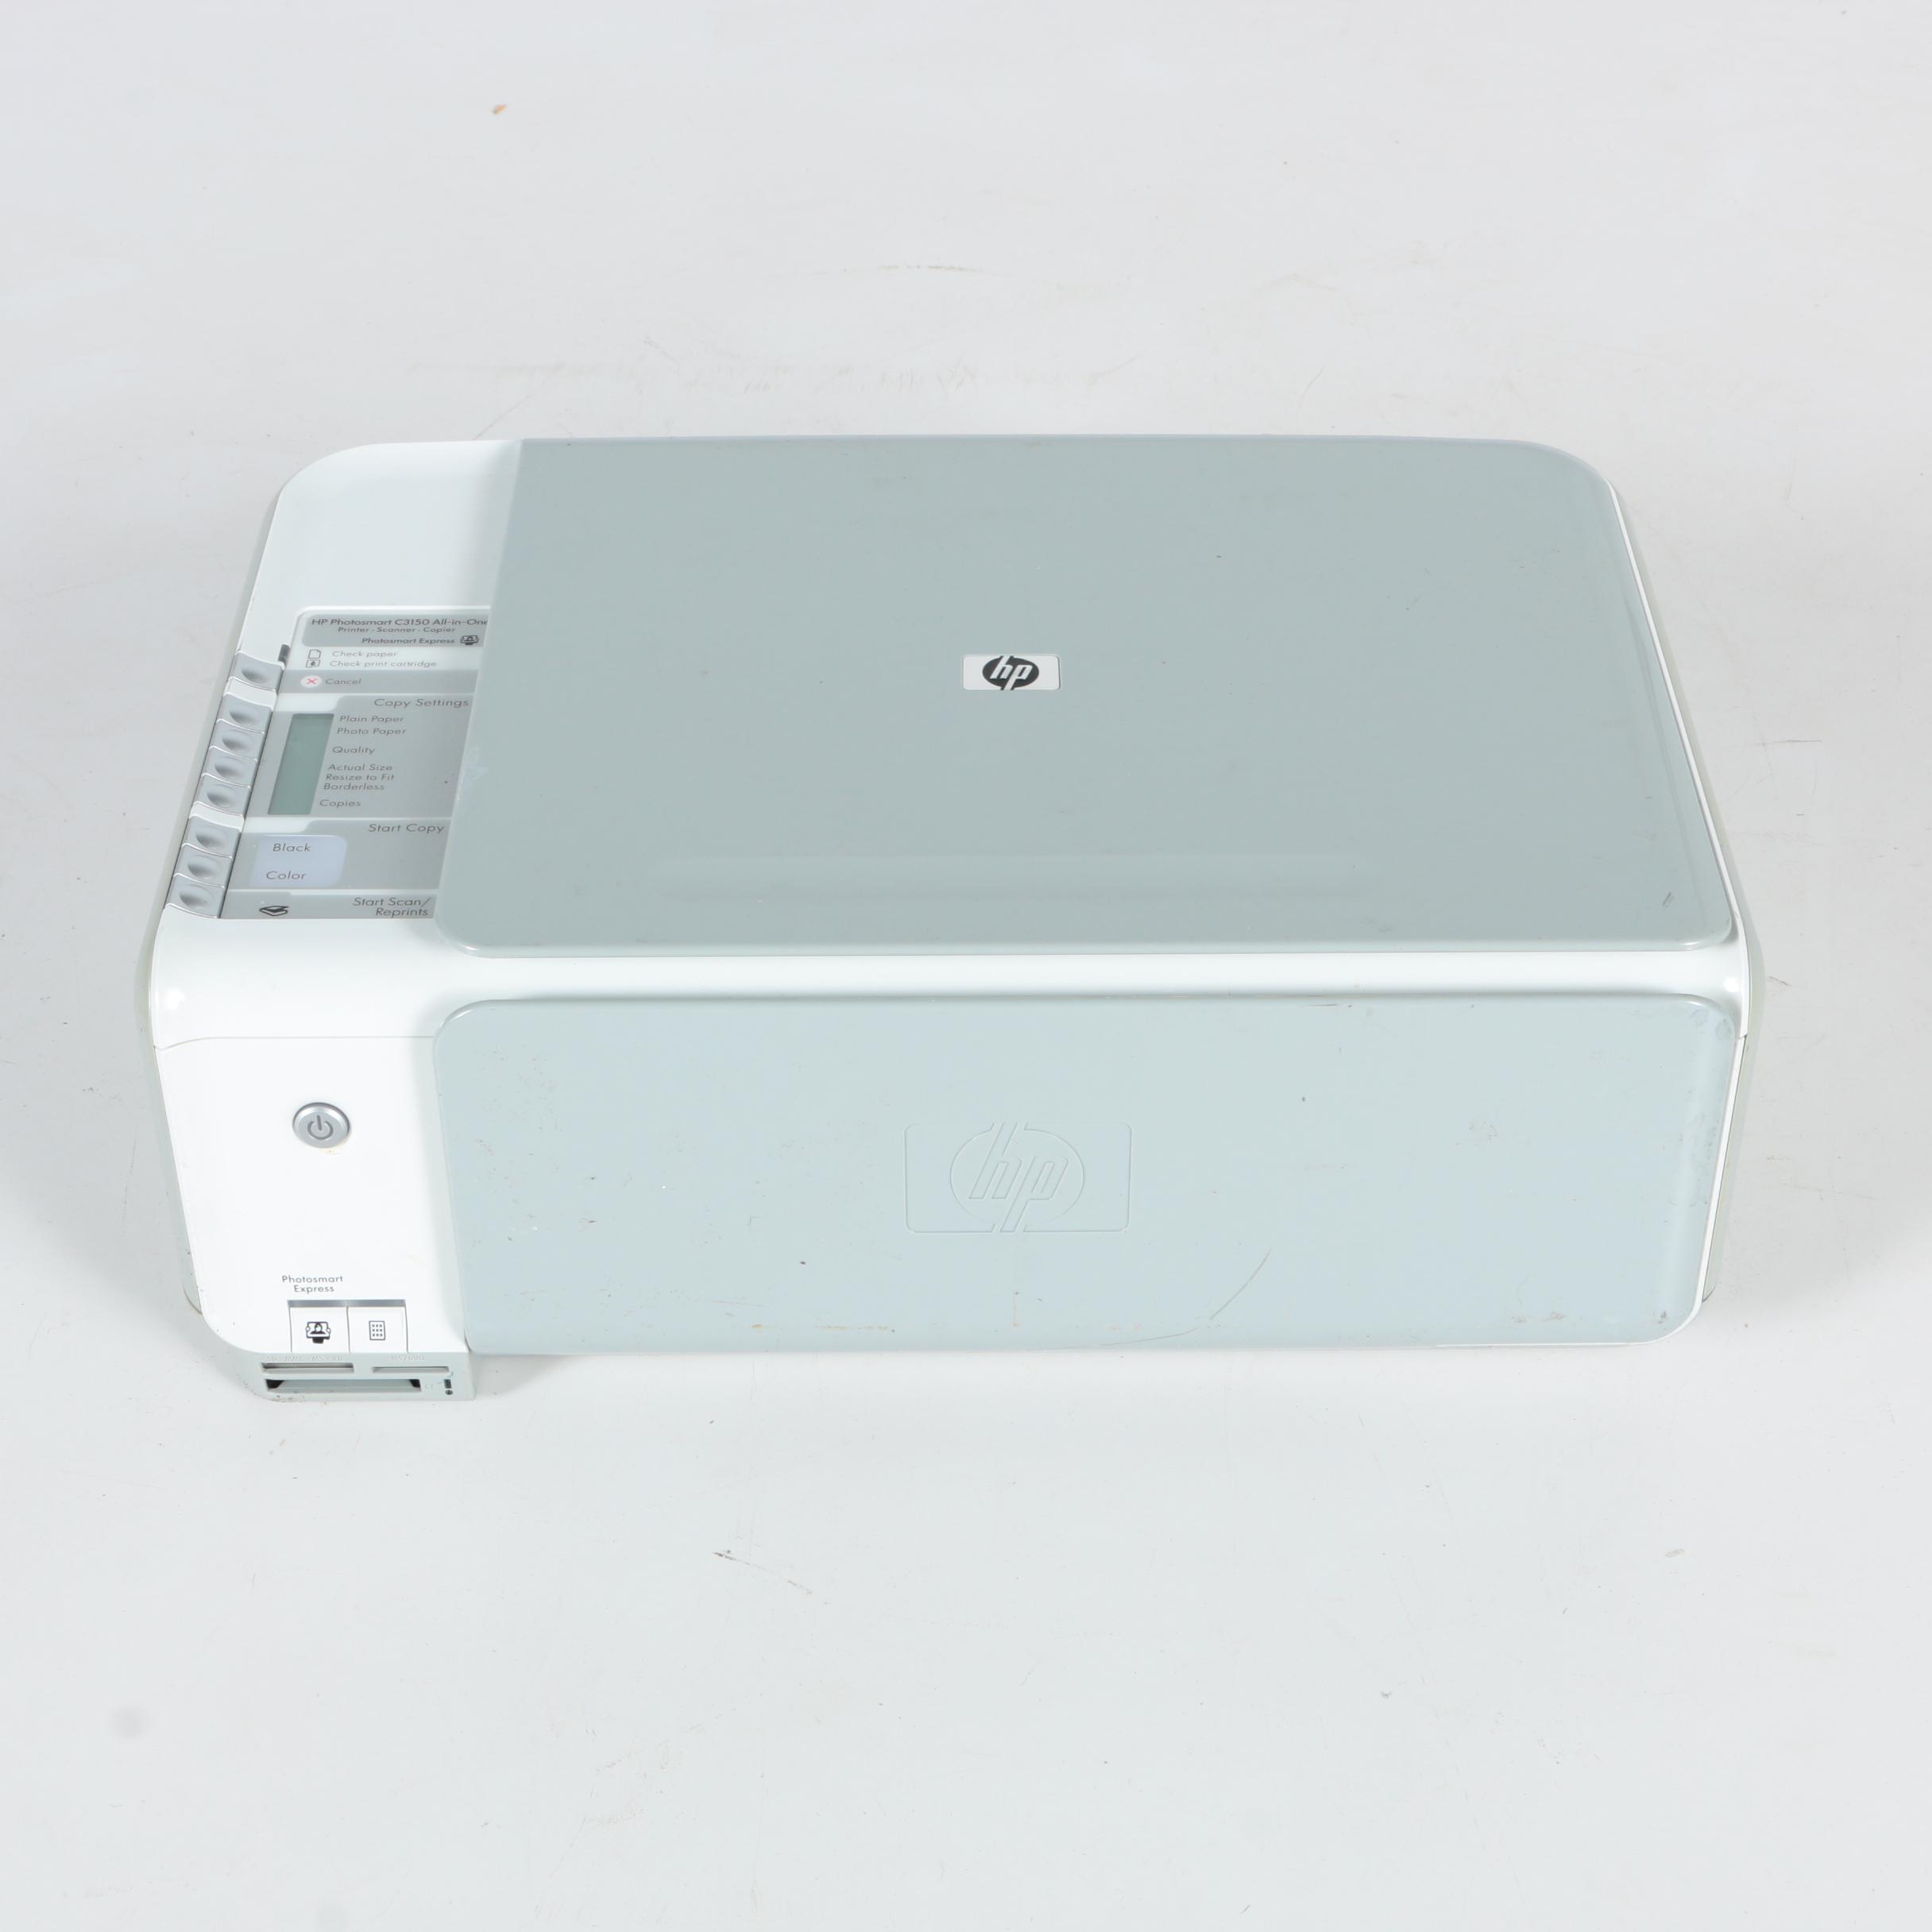 HP PHOTOSMART C3150 ALL-IN-ONE DESCARGAR CONTROLADOR